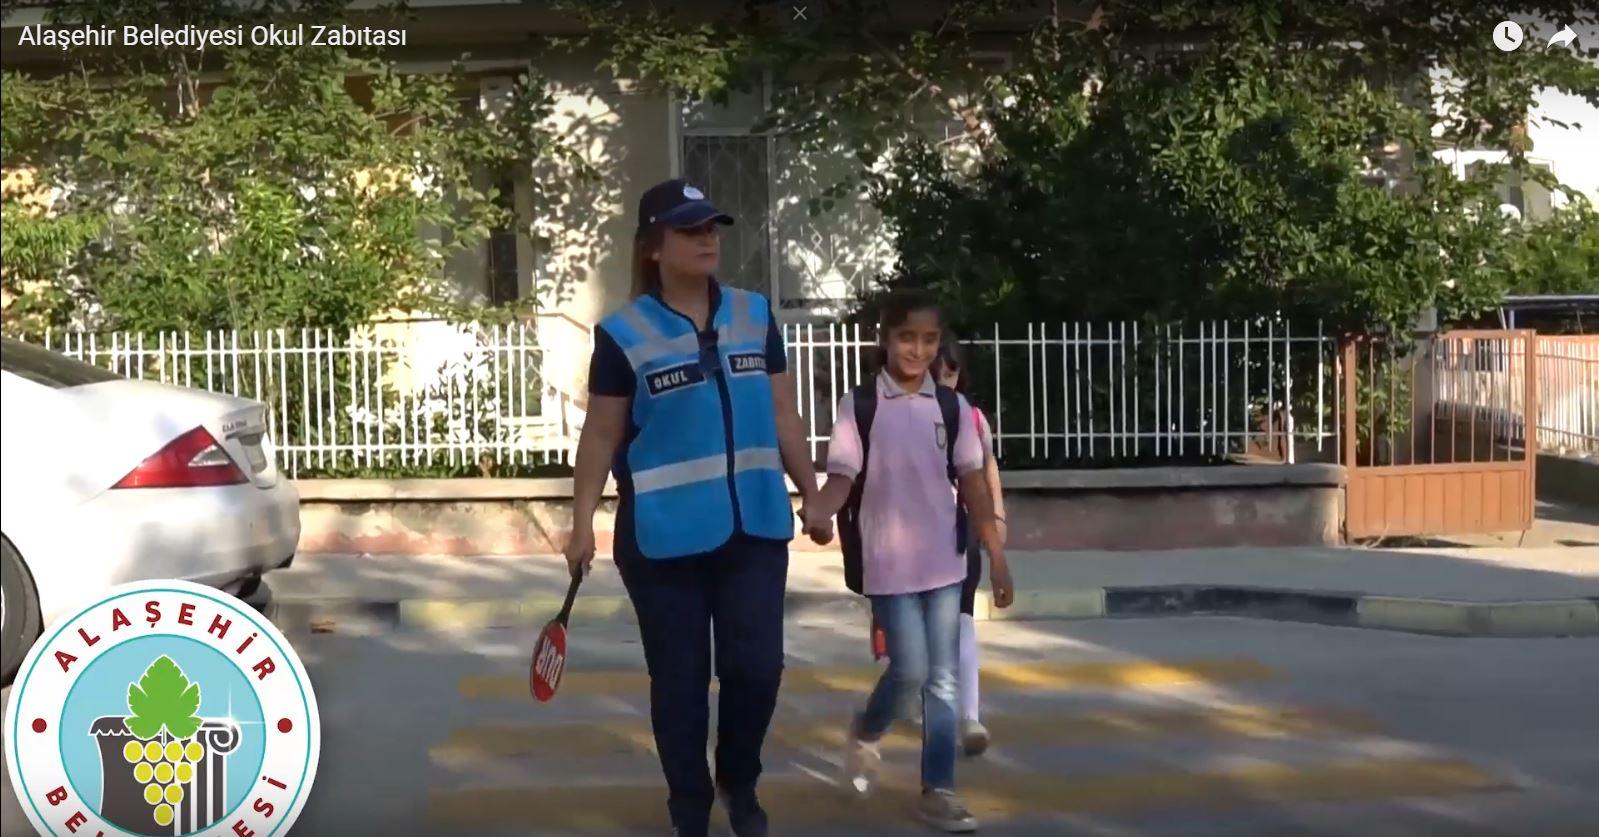 Alaşehir Belediyesi Okul Zabıtası